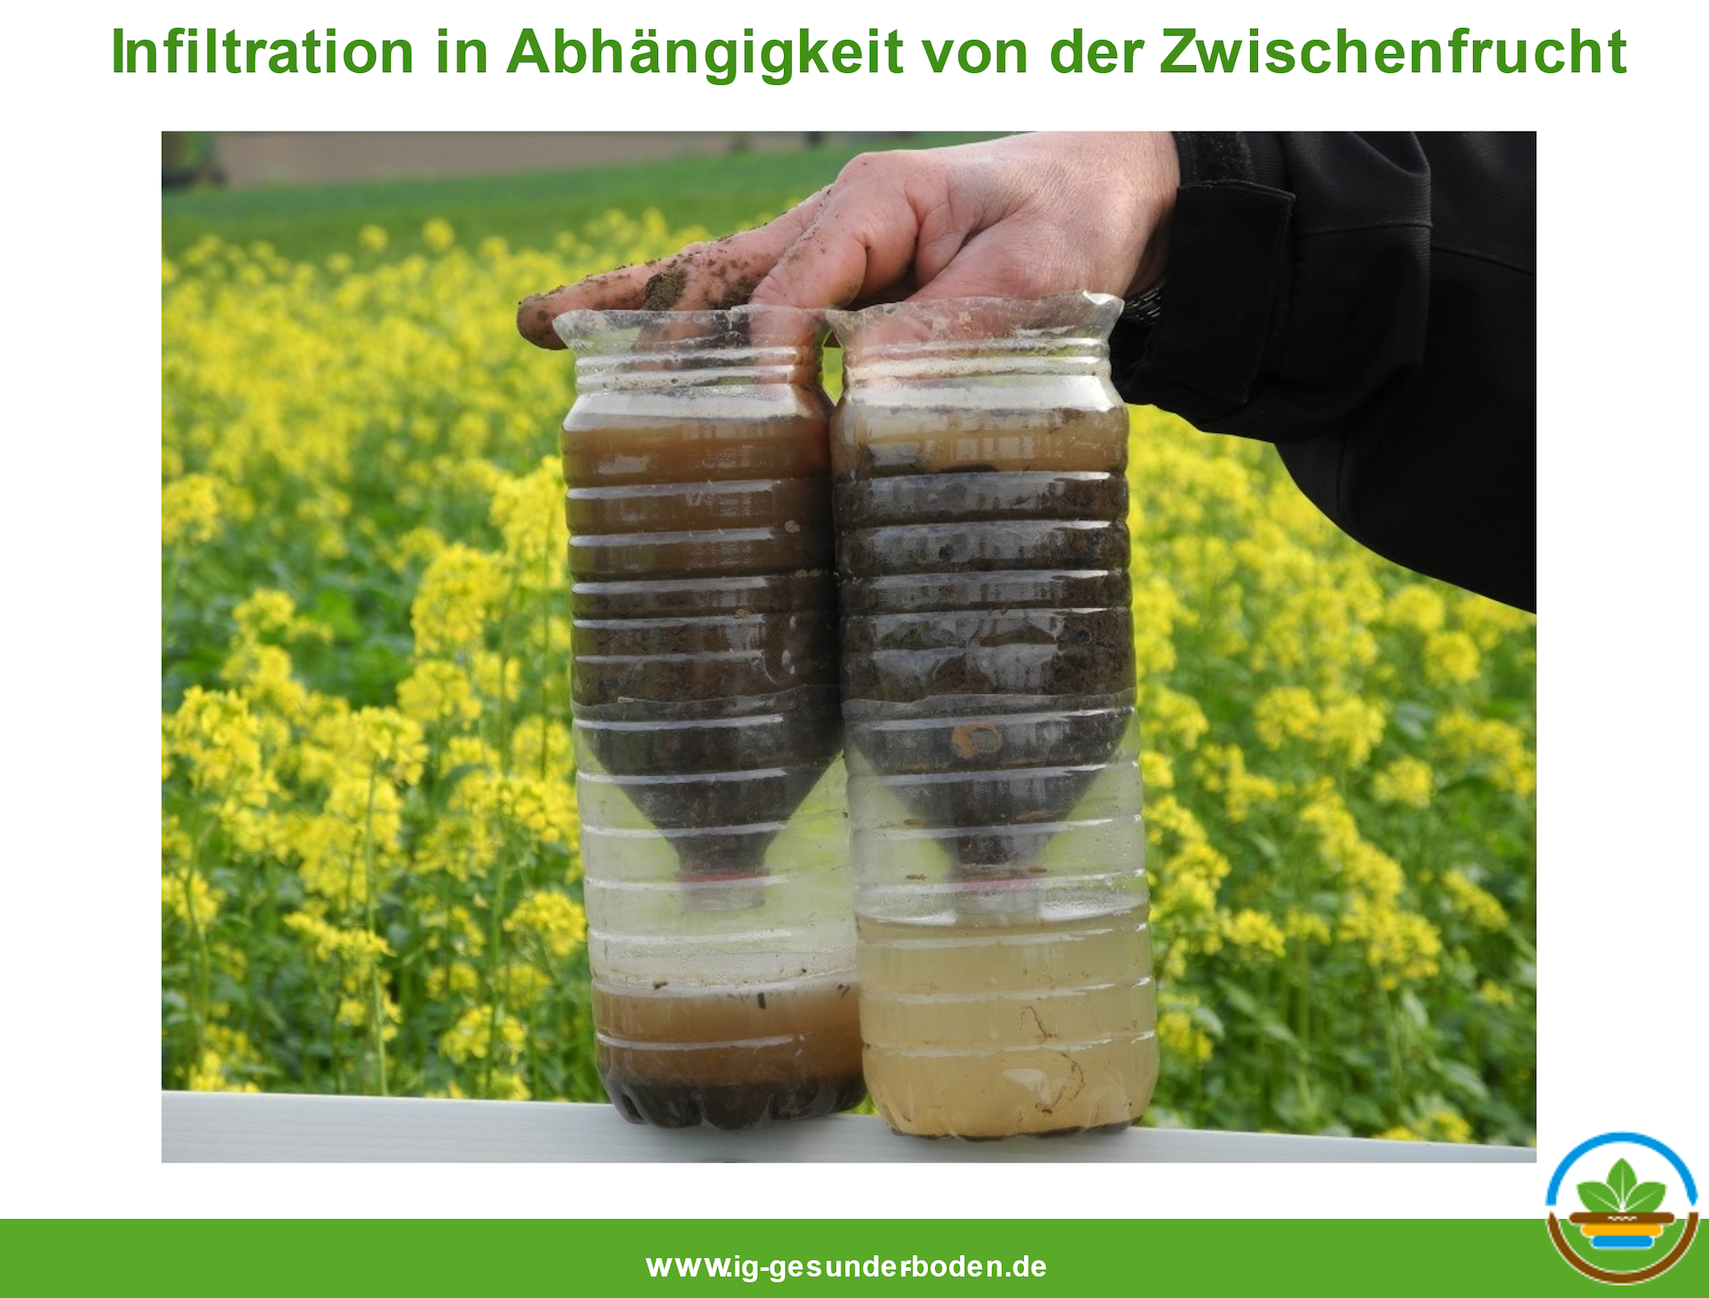 """Heute in der 6. Webinar-Reihe """"Aufbauende Landwirtschaft"""": Christoph Felgentreu – Ackerbauliche Methoden zur Verbesserung der Wasserspeicherfähigkeit der Böden"""